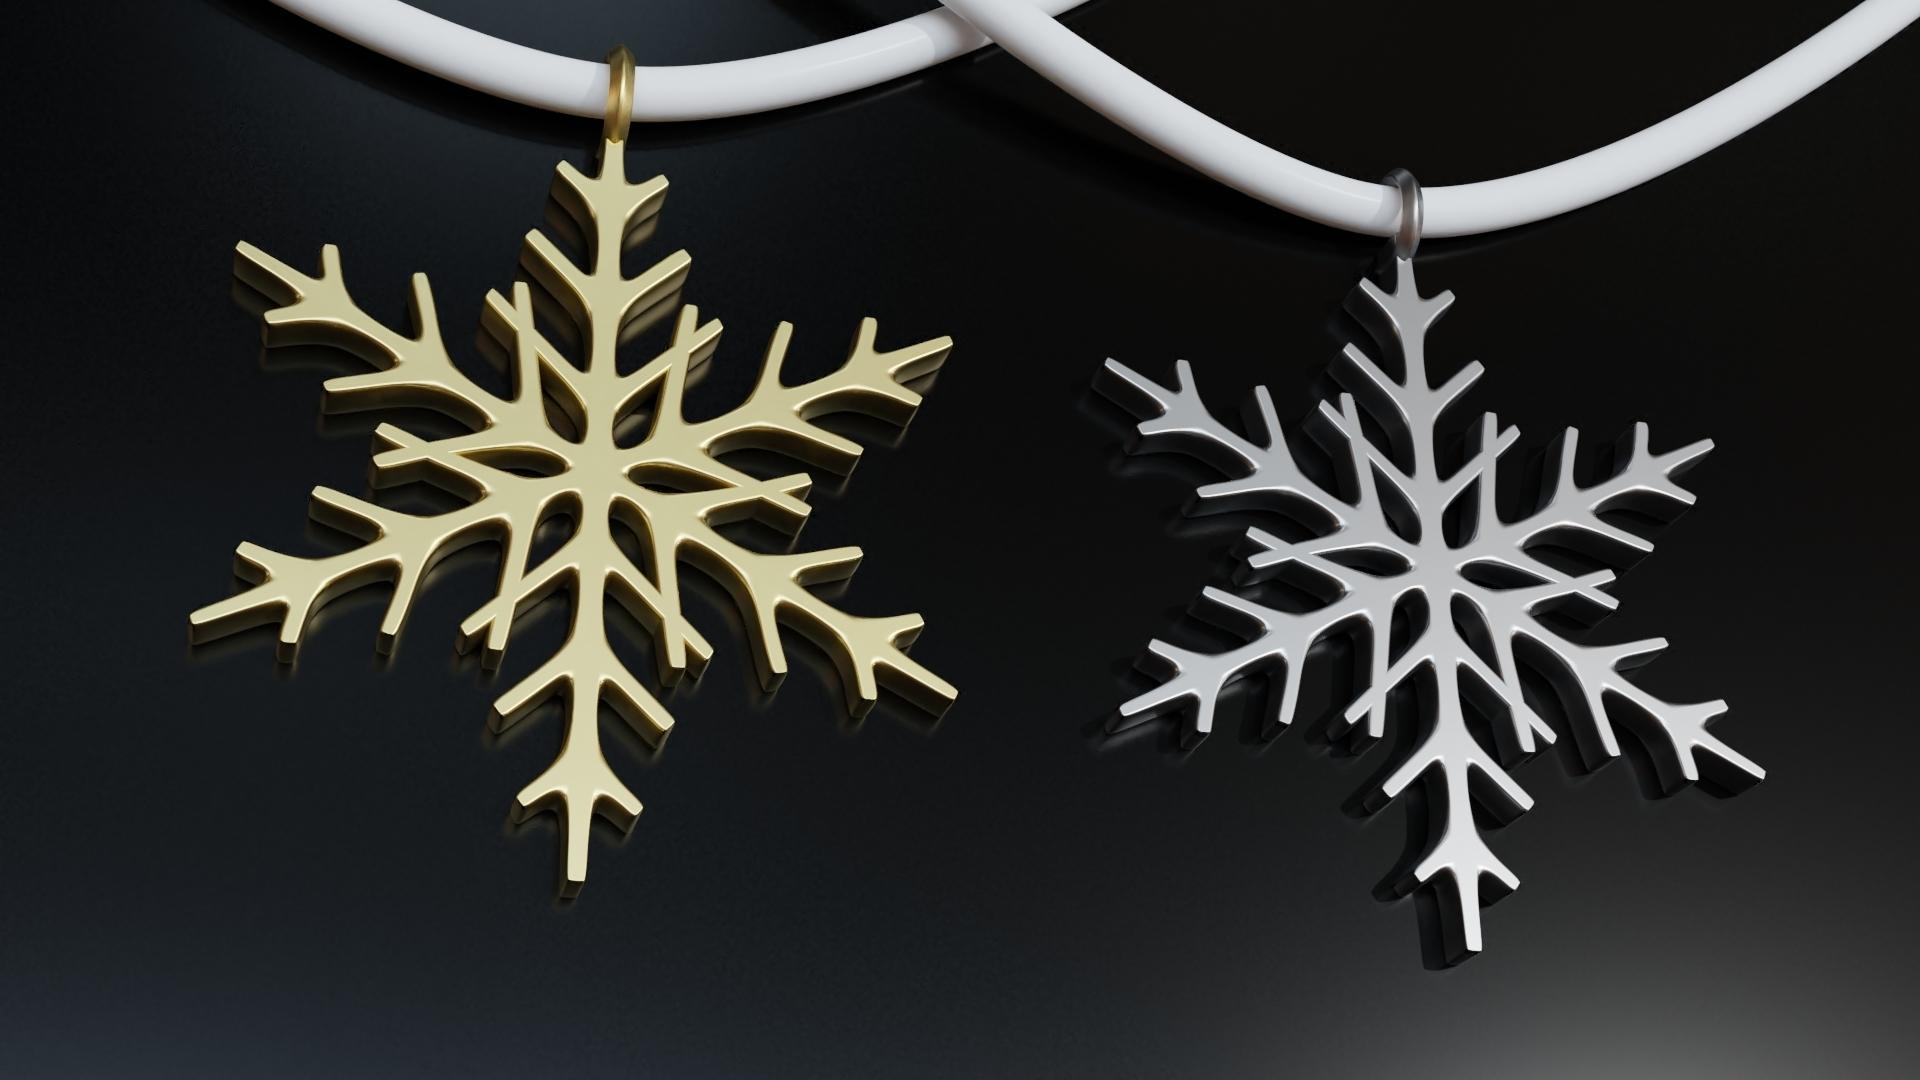 RENDER.jpg Télécharger fichier STL gratuit Pendentif flocon de neige Modèle d'impression 3D de l'arbre de Noël • Objet imprimable en 3D, ryanmaicol